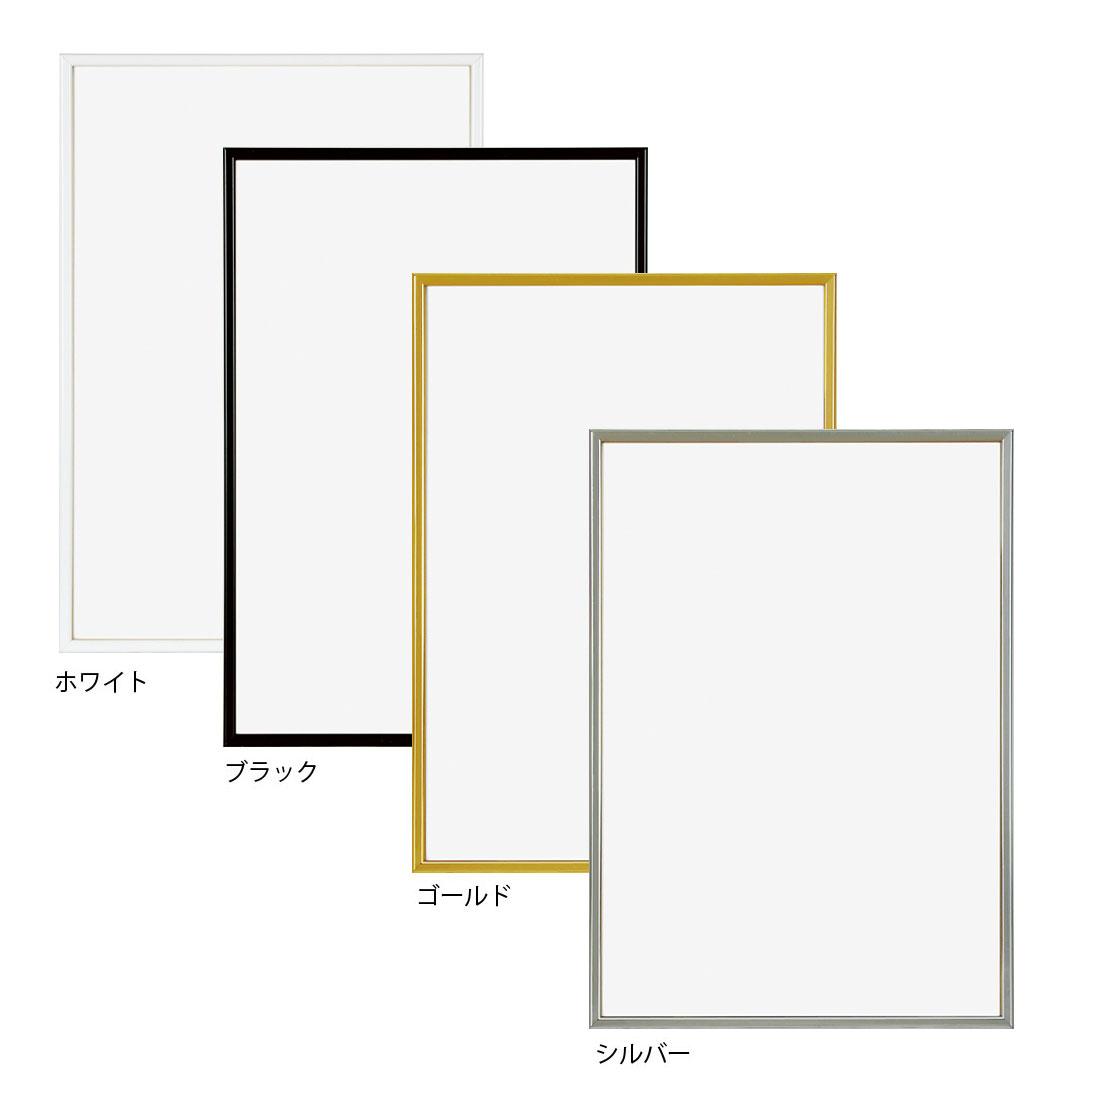 アルミフレーム・アルミパネル/ハイパーフレーム 半切サイズ(424×545mm)